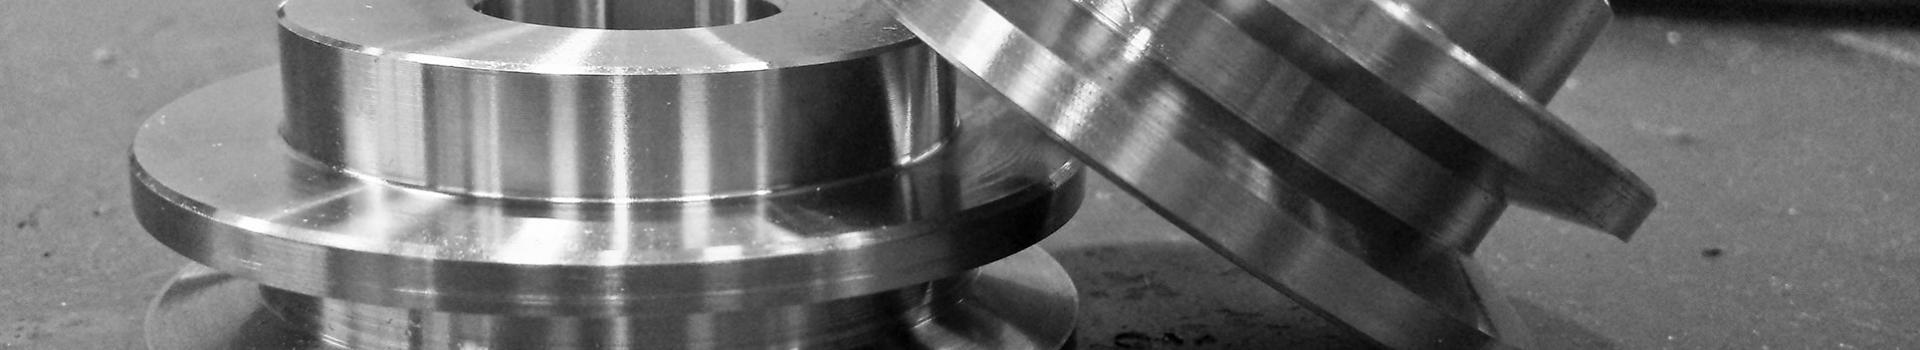 Productos_,mecanizados_precisión_calderería